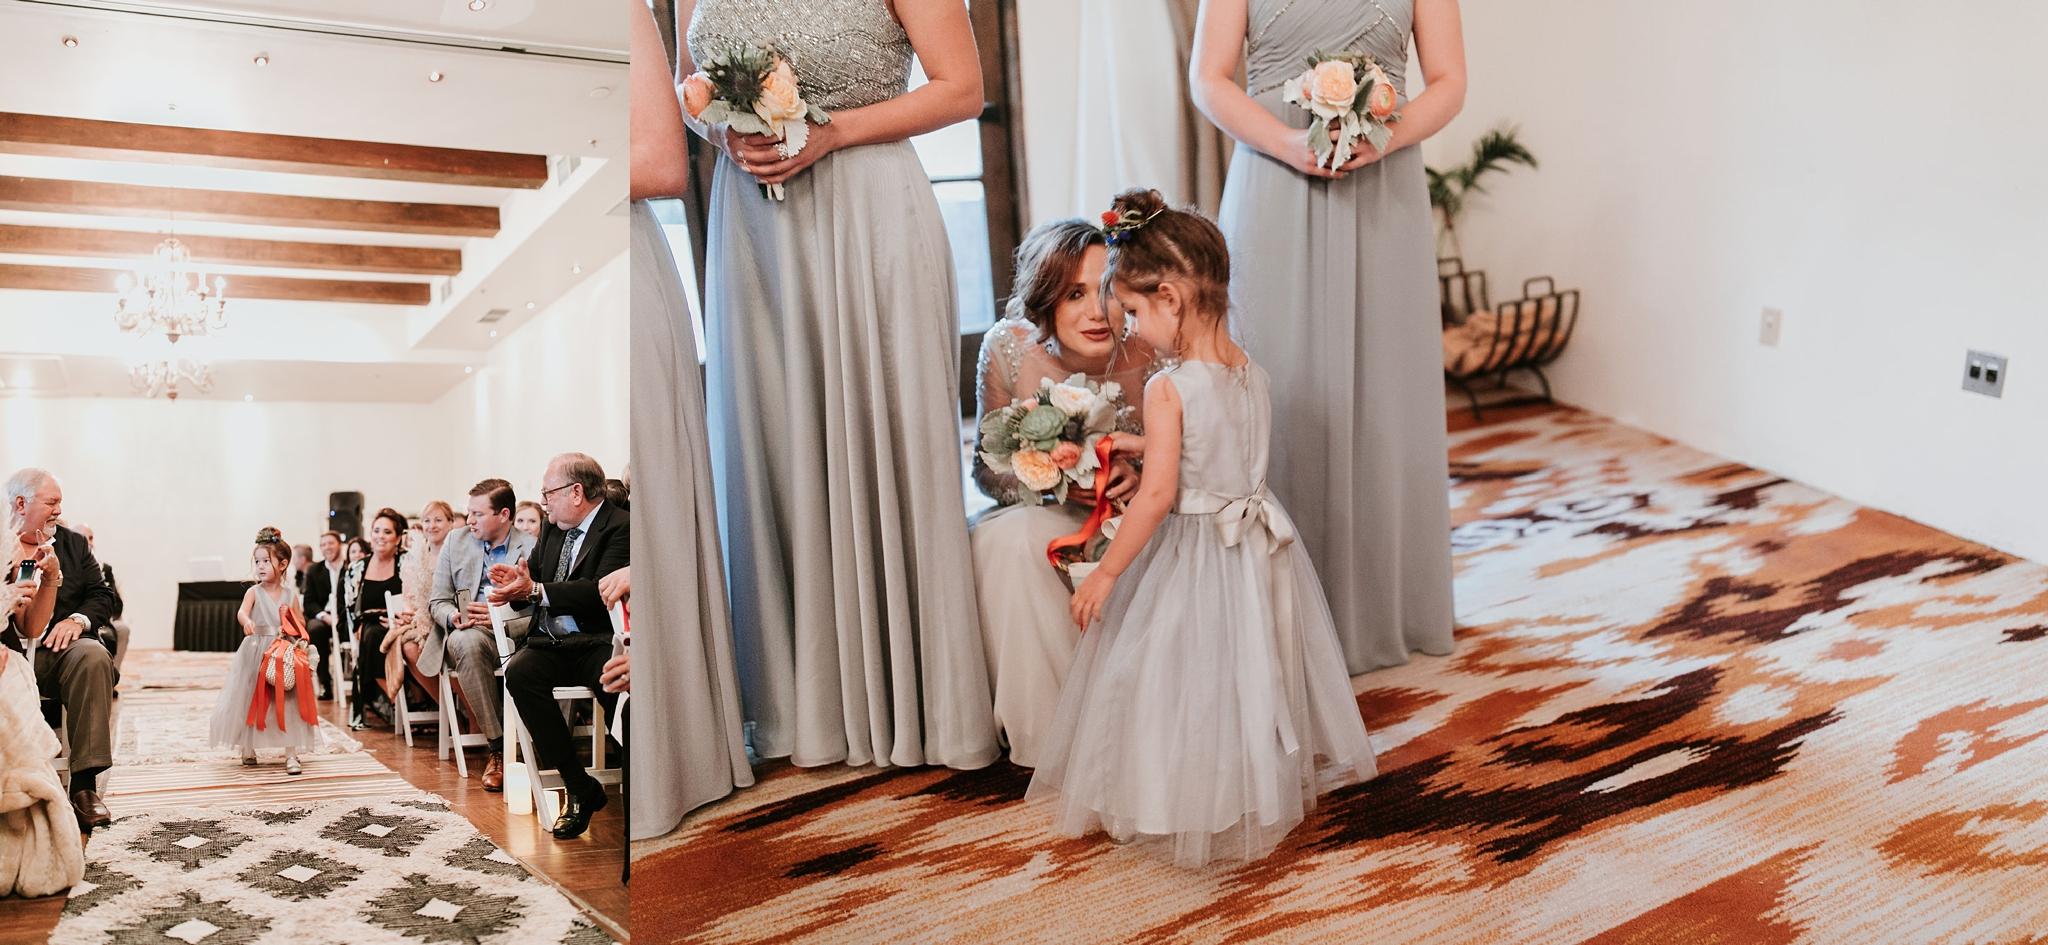 Alicia+lucia+photography+-+albuquerque+wedding+photographer+-+santa+fe+wedding+photography+-+new+mexico+wedding+photographer+-+new+mexico+wedding+-+flower+girl+-+wedding+flower+girl_0025.jpg